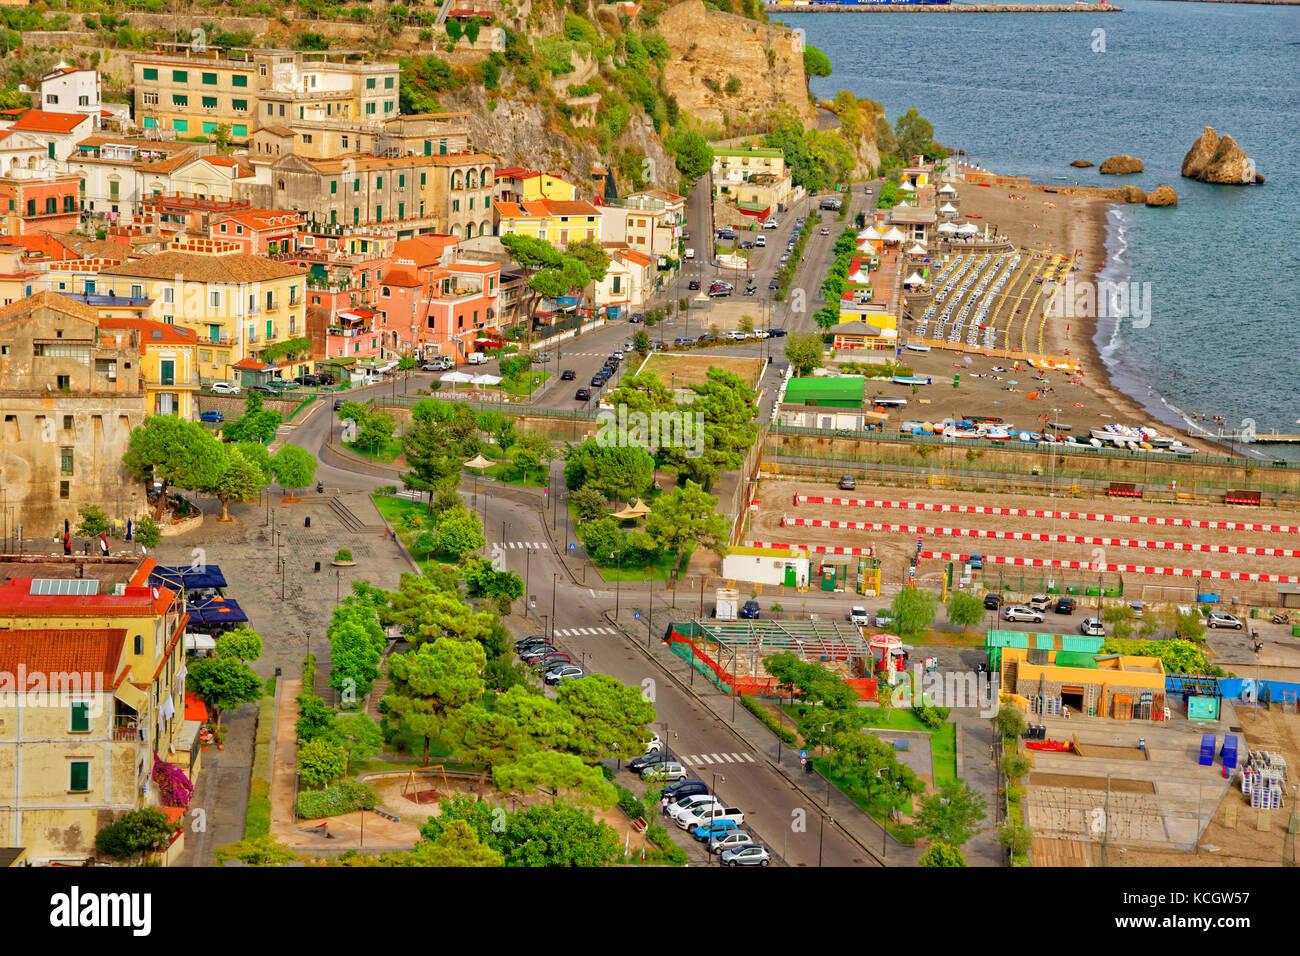 Vietri Sul Mare, Salerno, all'estremità orientale della Costiera Amalfitana in Italia meridionale. Immagini Stock